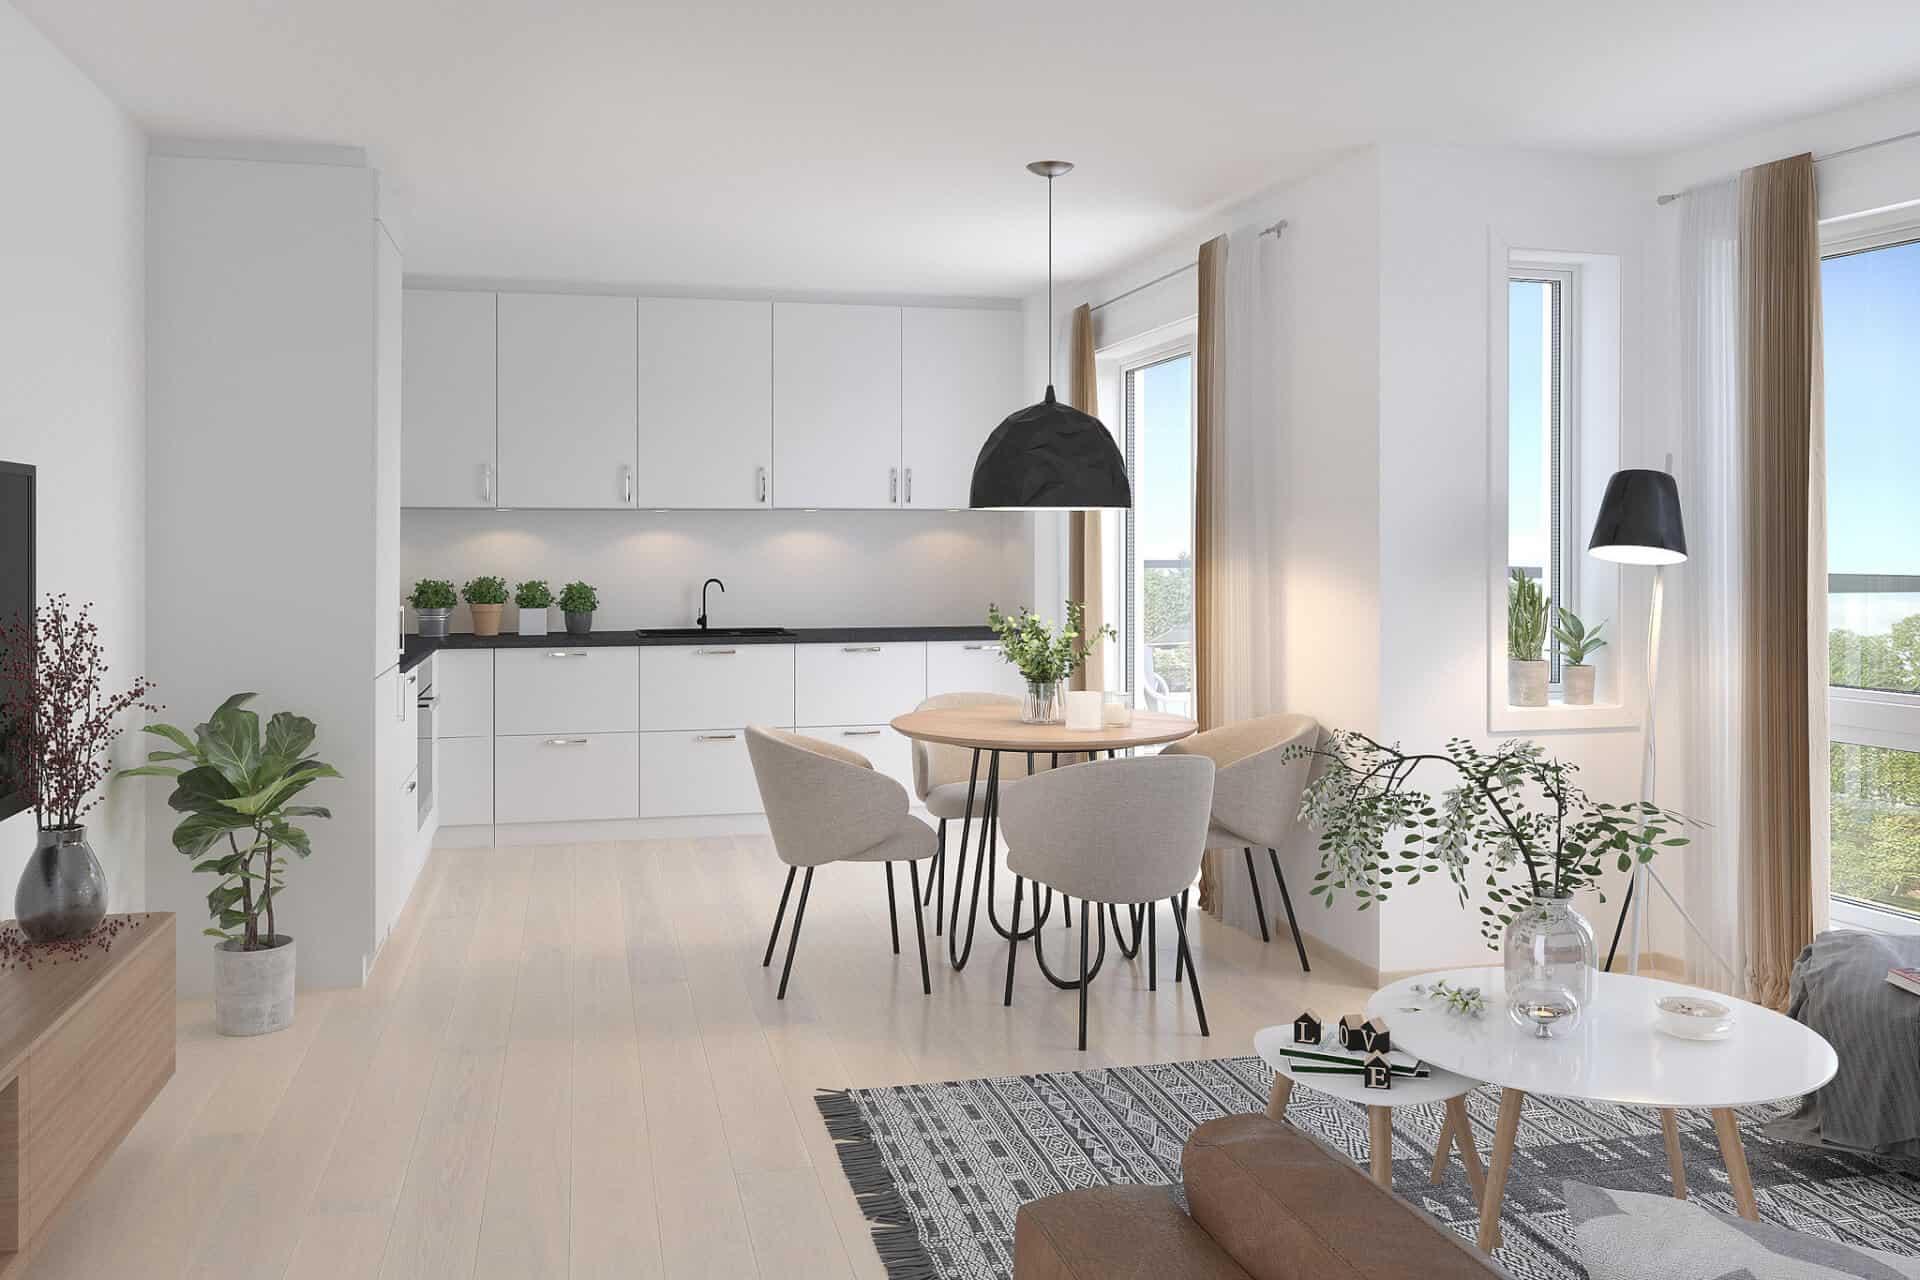 Vigør bolig PEAB Borgundfjord Ålesund 3-roms kjøkken